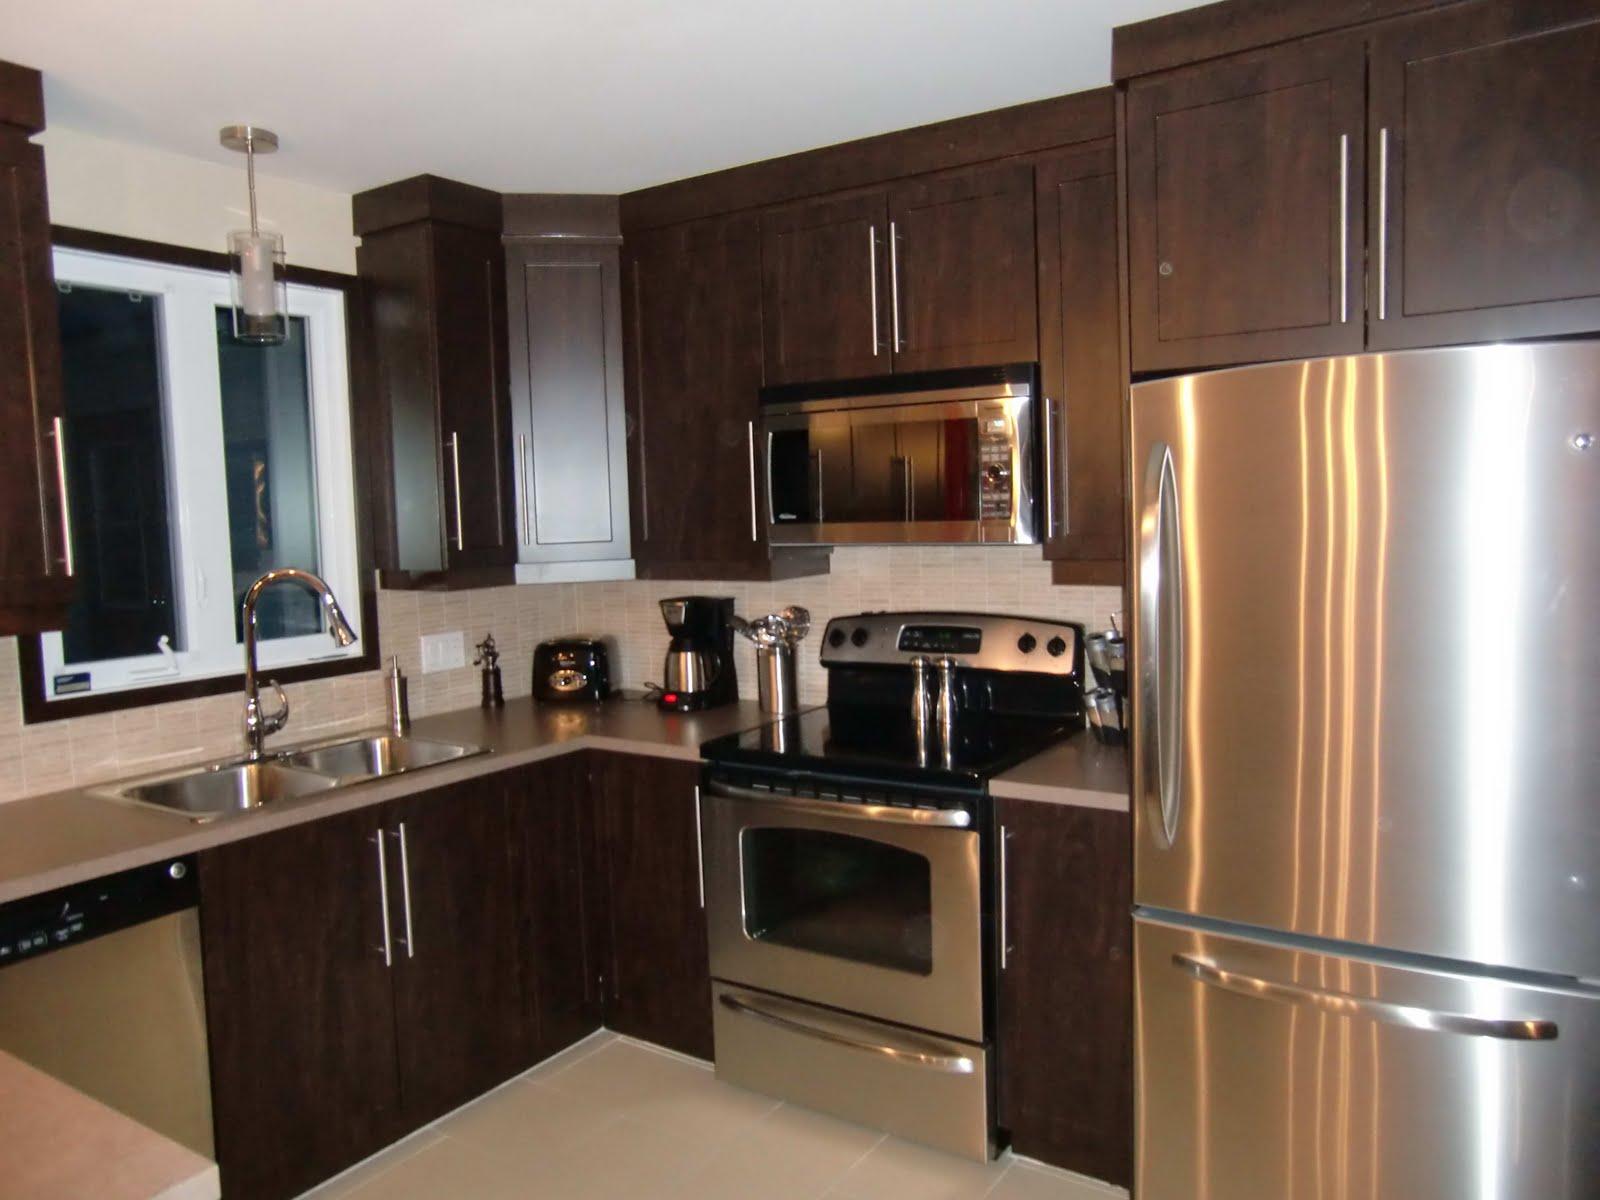 Specialit smm armoire de cuisine en thermoplastique for Armoire de cuisine thermoplastique prix